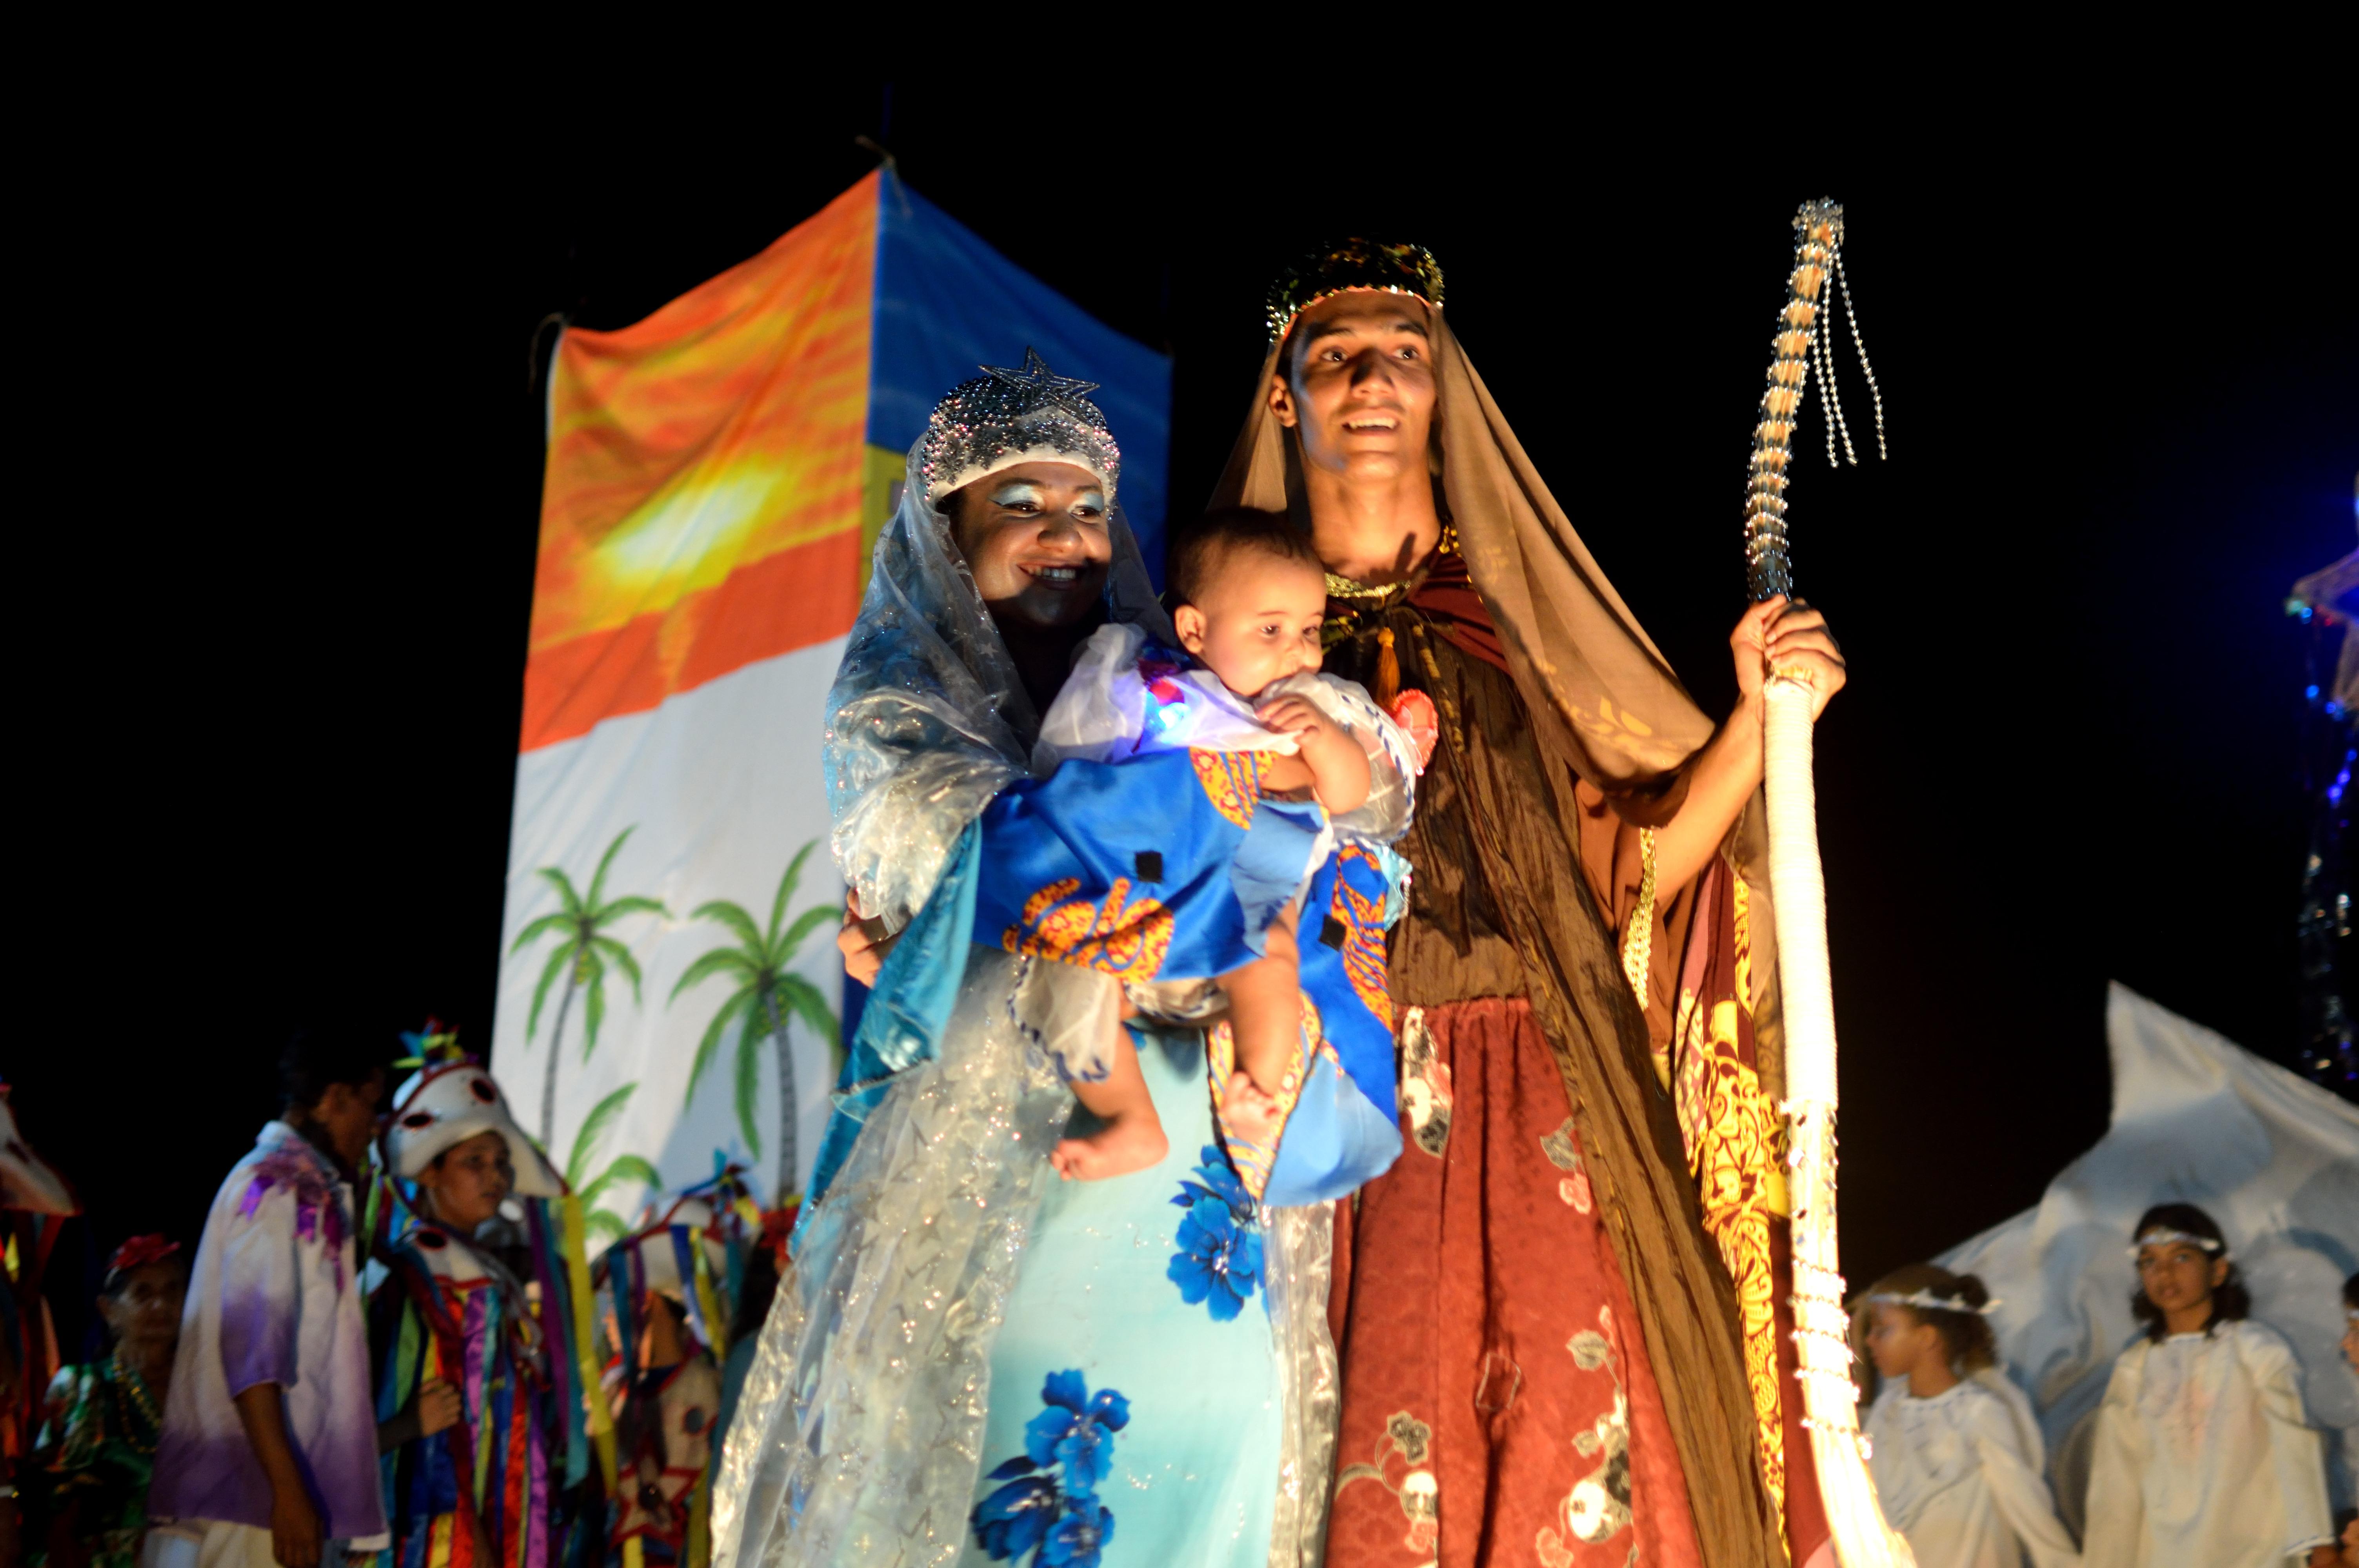 Sagrada Família 2015